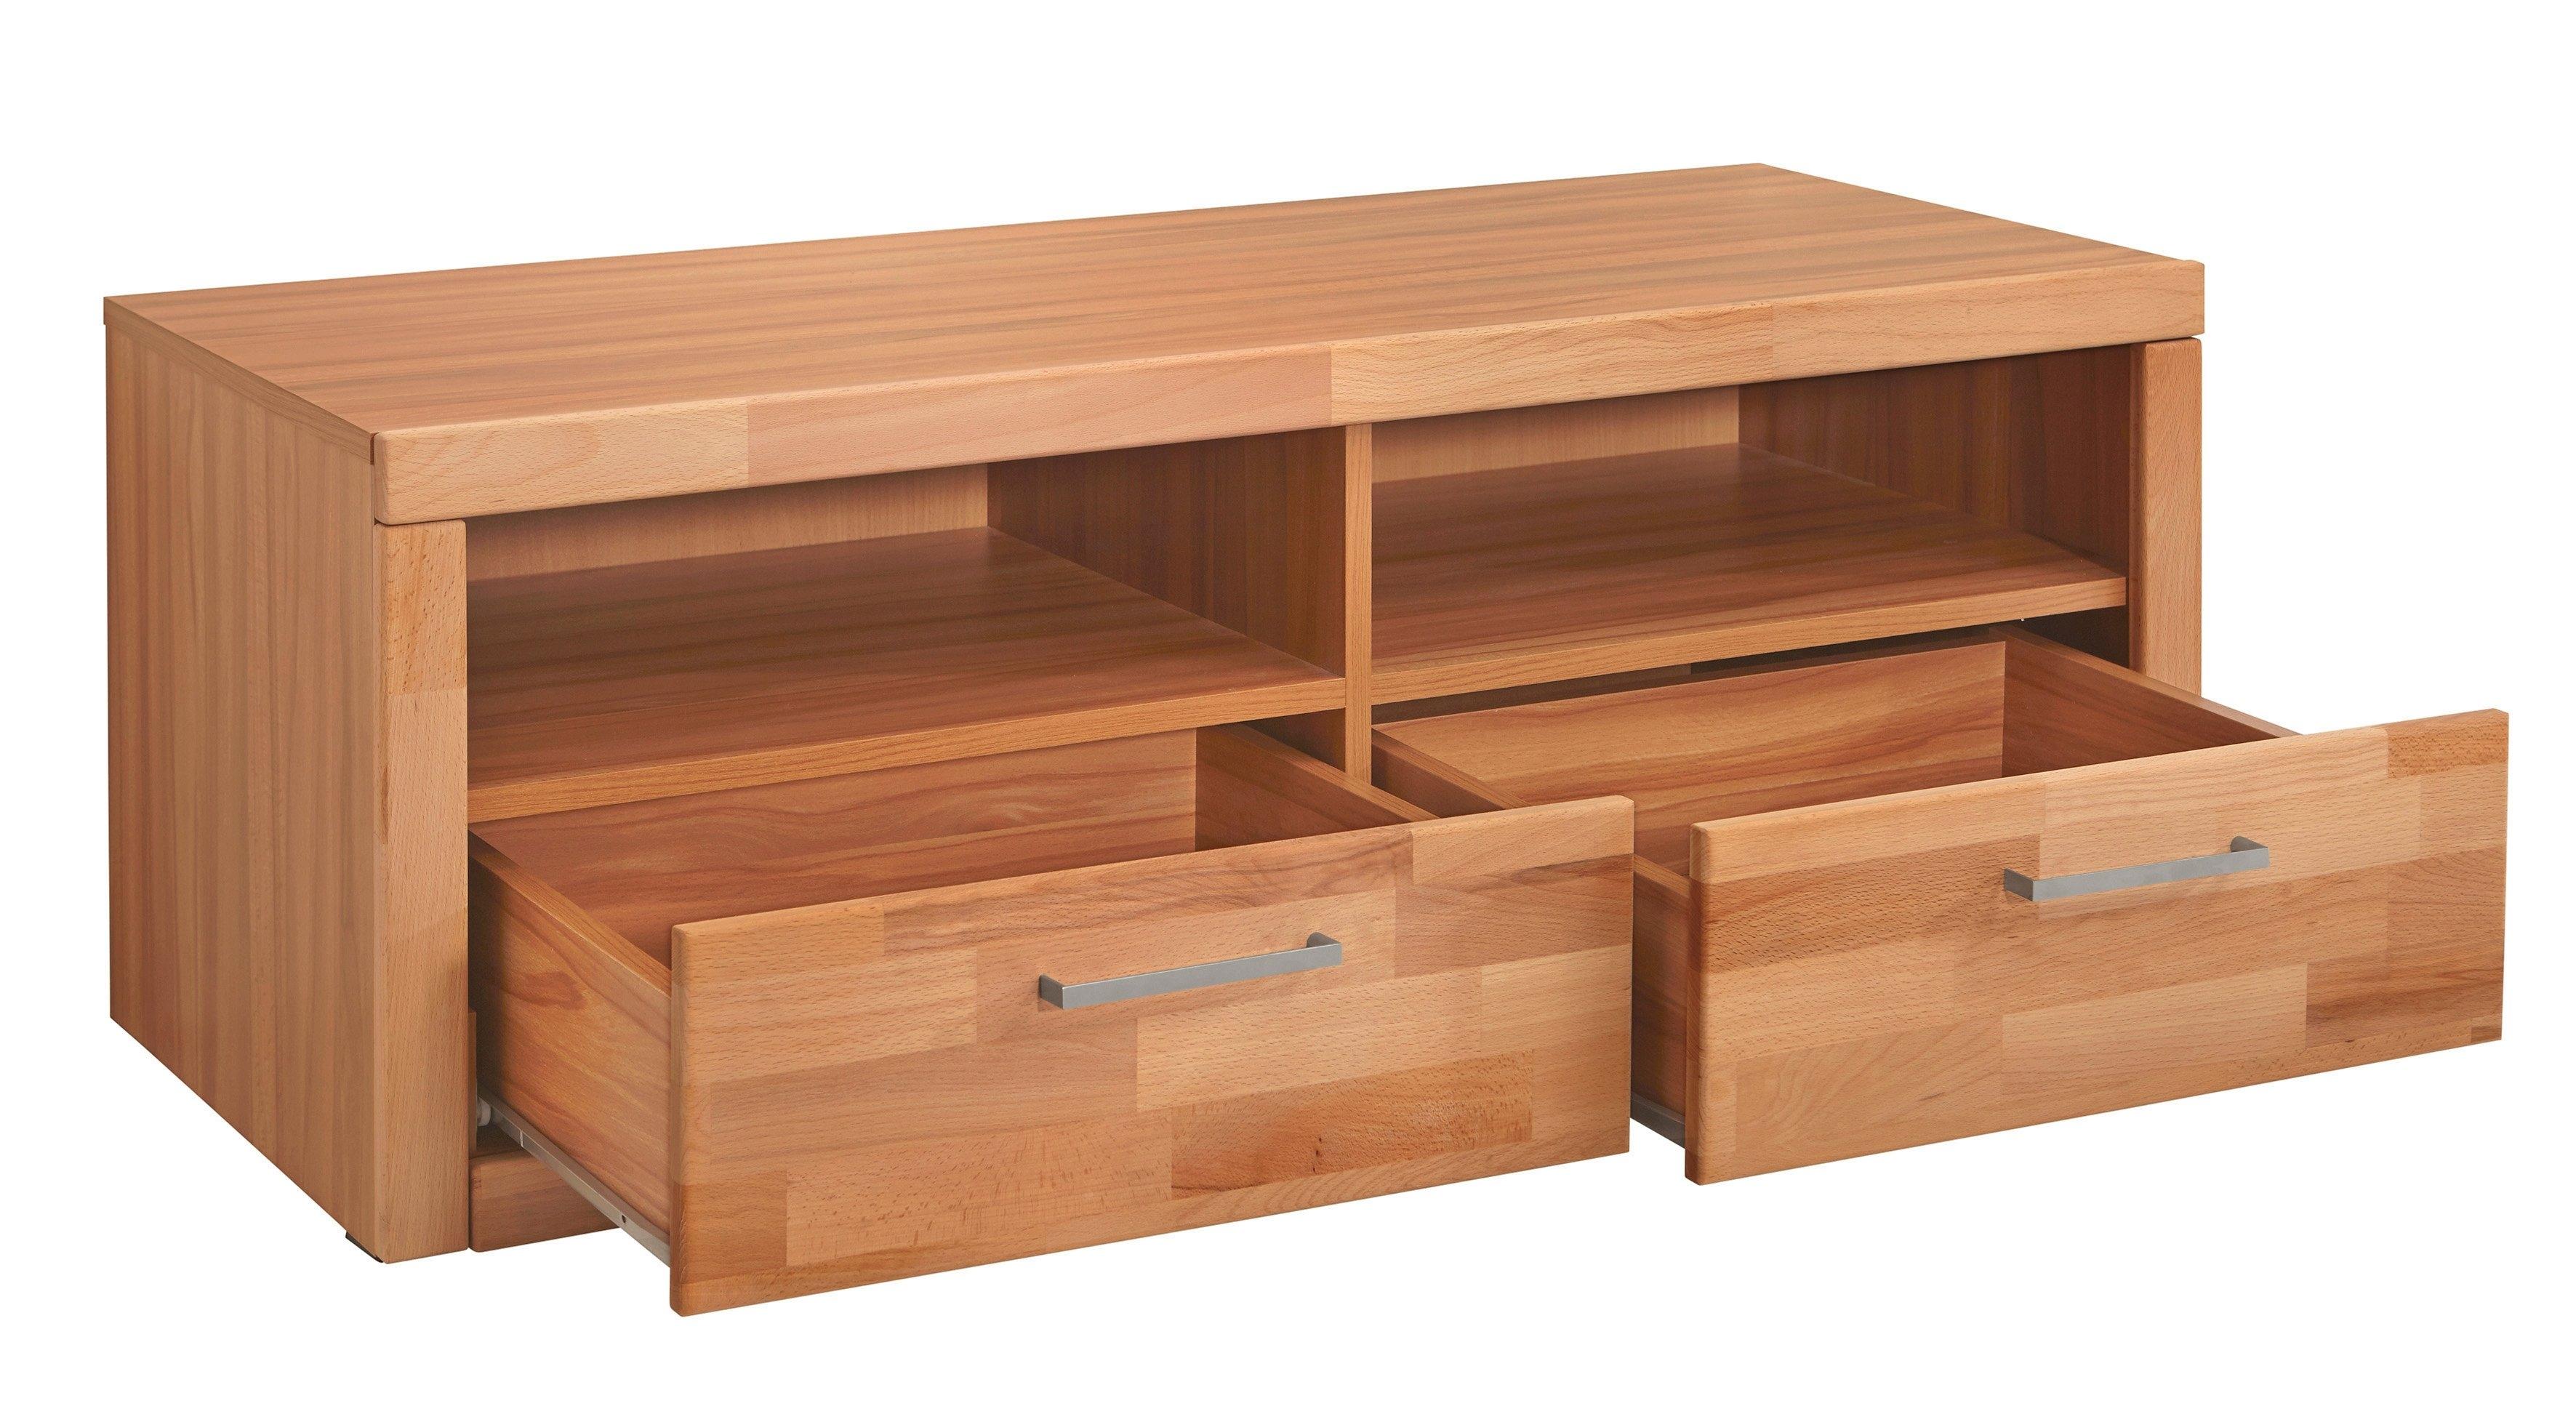 lowboard van 130 cm breed vind je bij otto. Black Bedroom Furniture Sets. Home Design Ideas